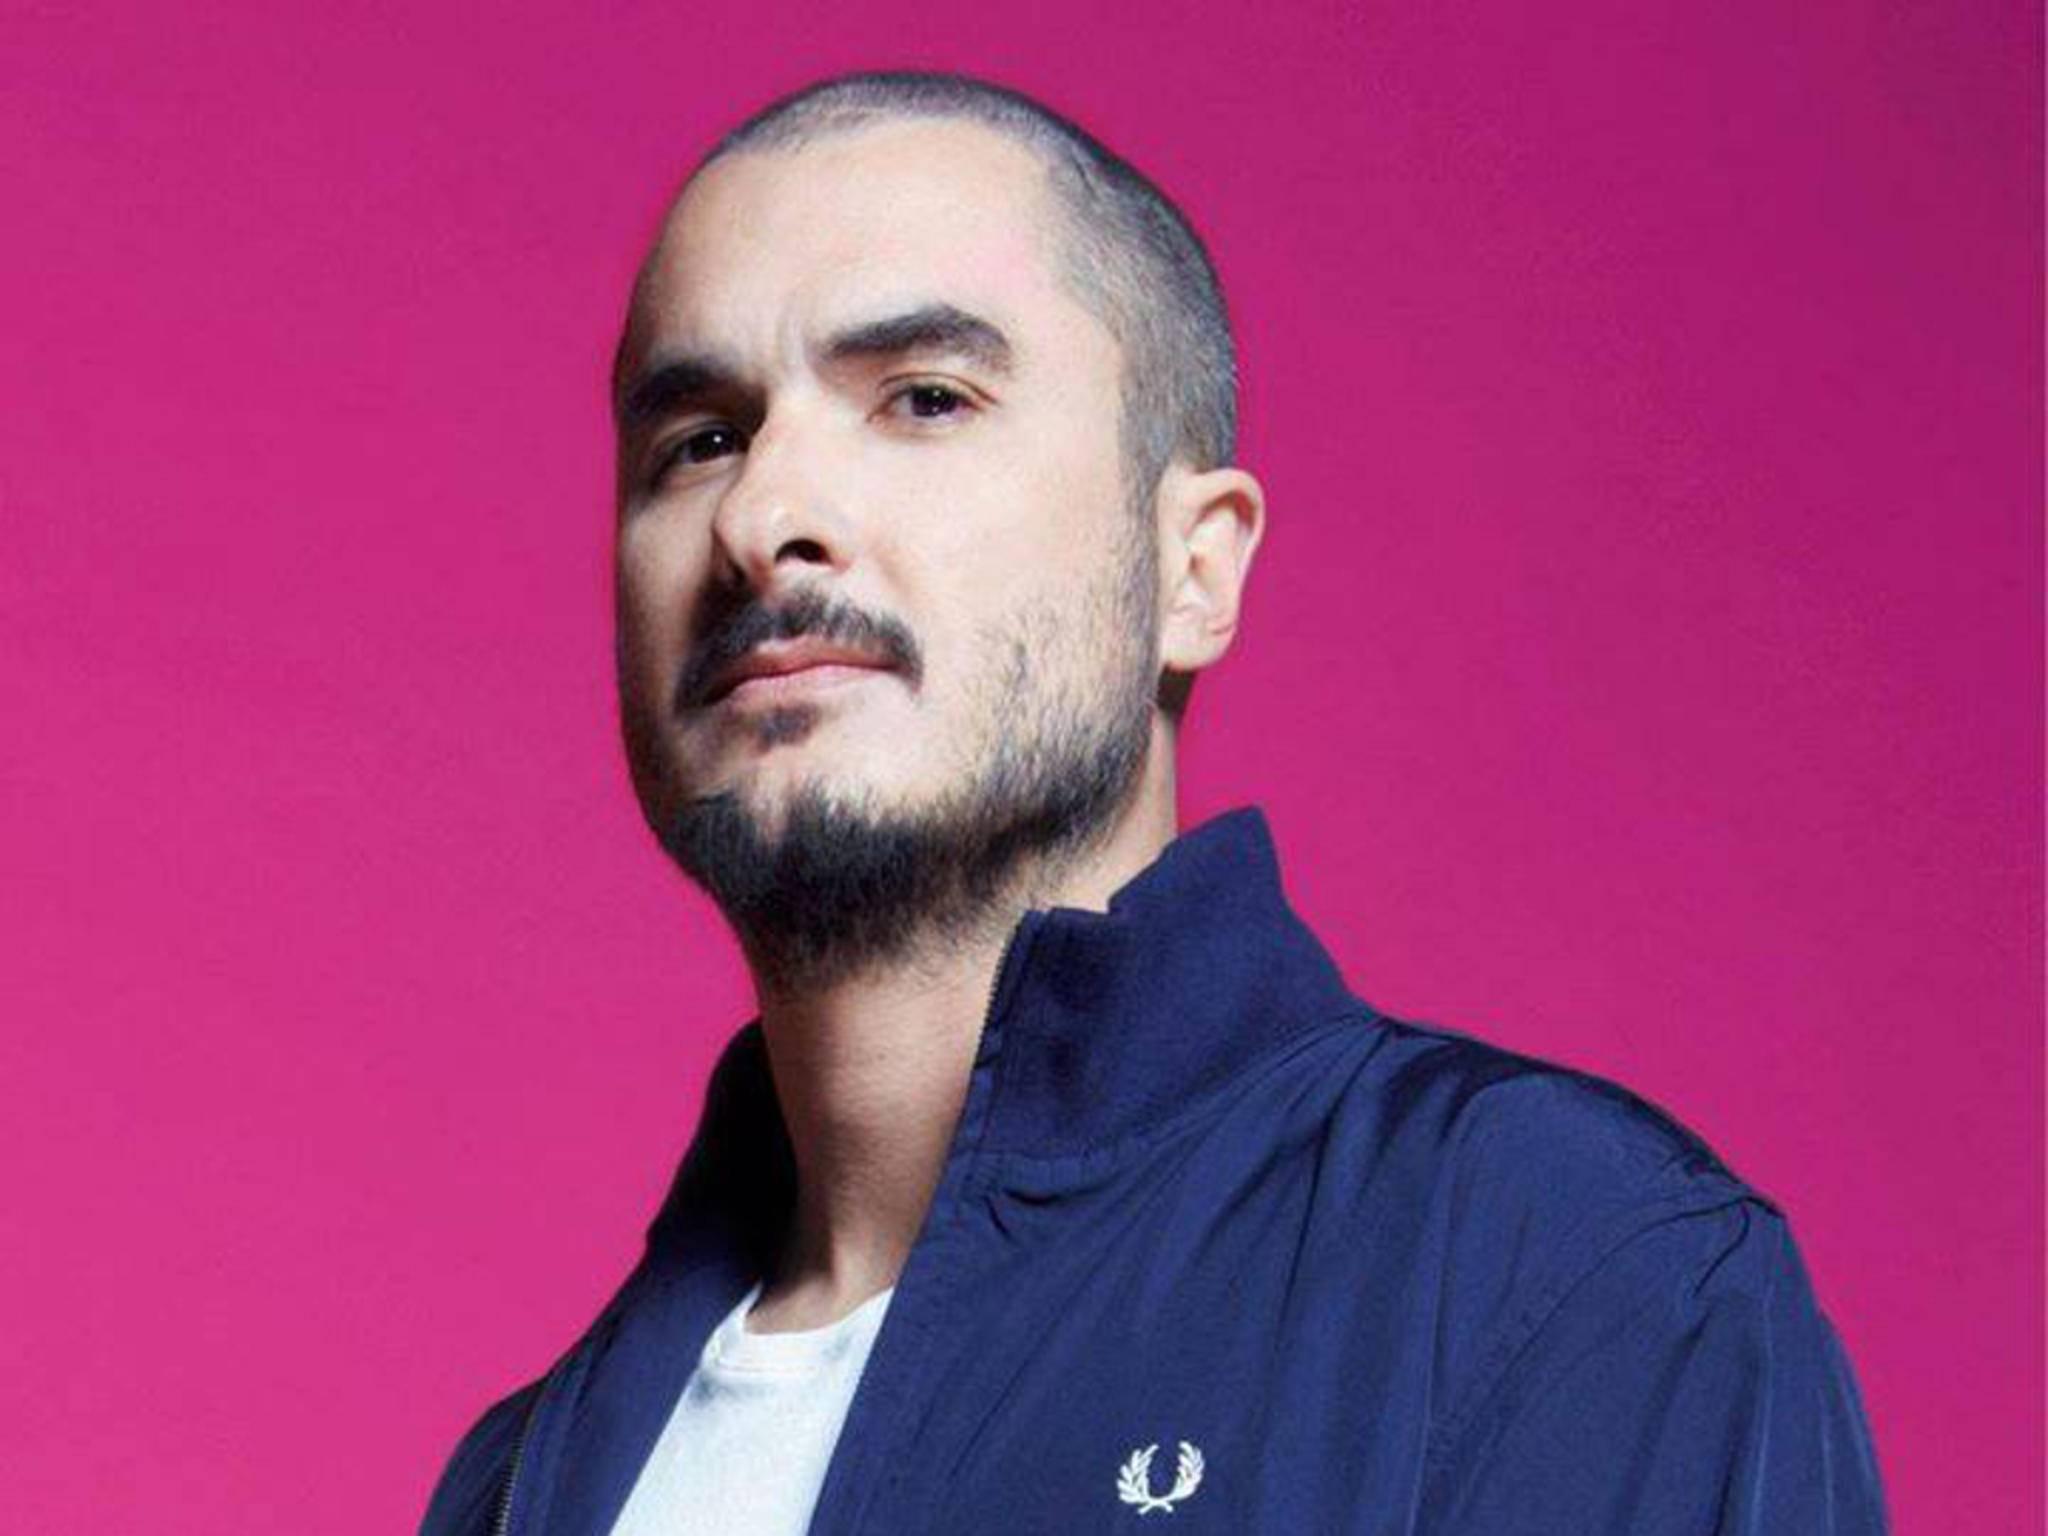 Der britische Radio-DJ Zane Lowe arbeitet jetzt für Apple.